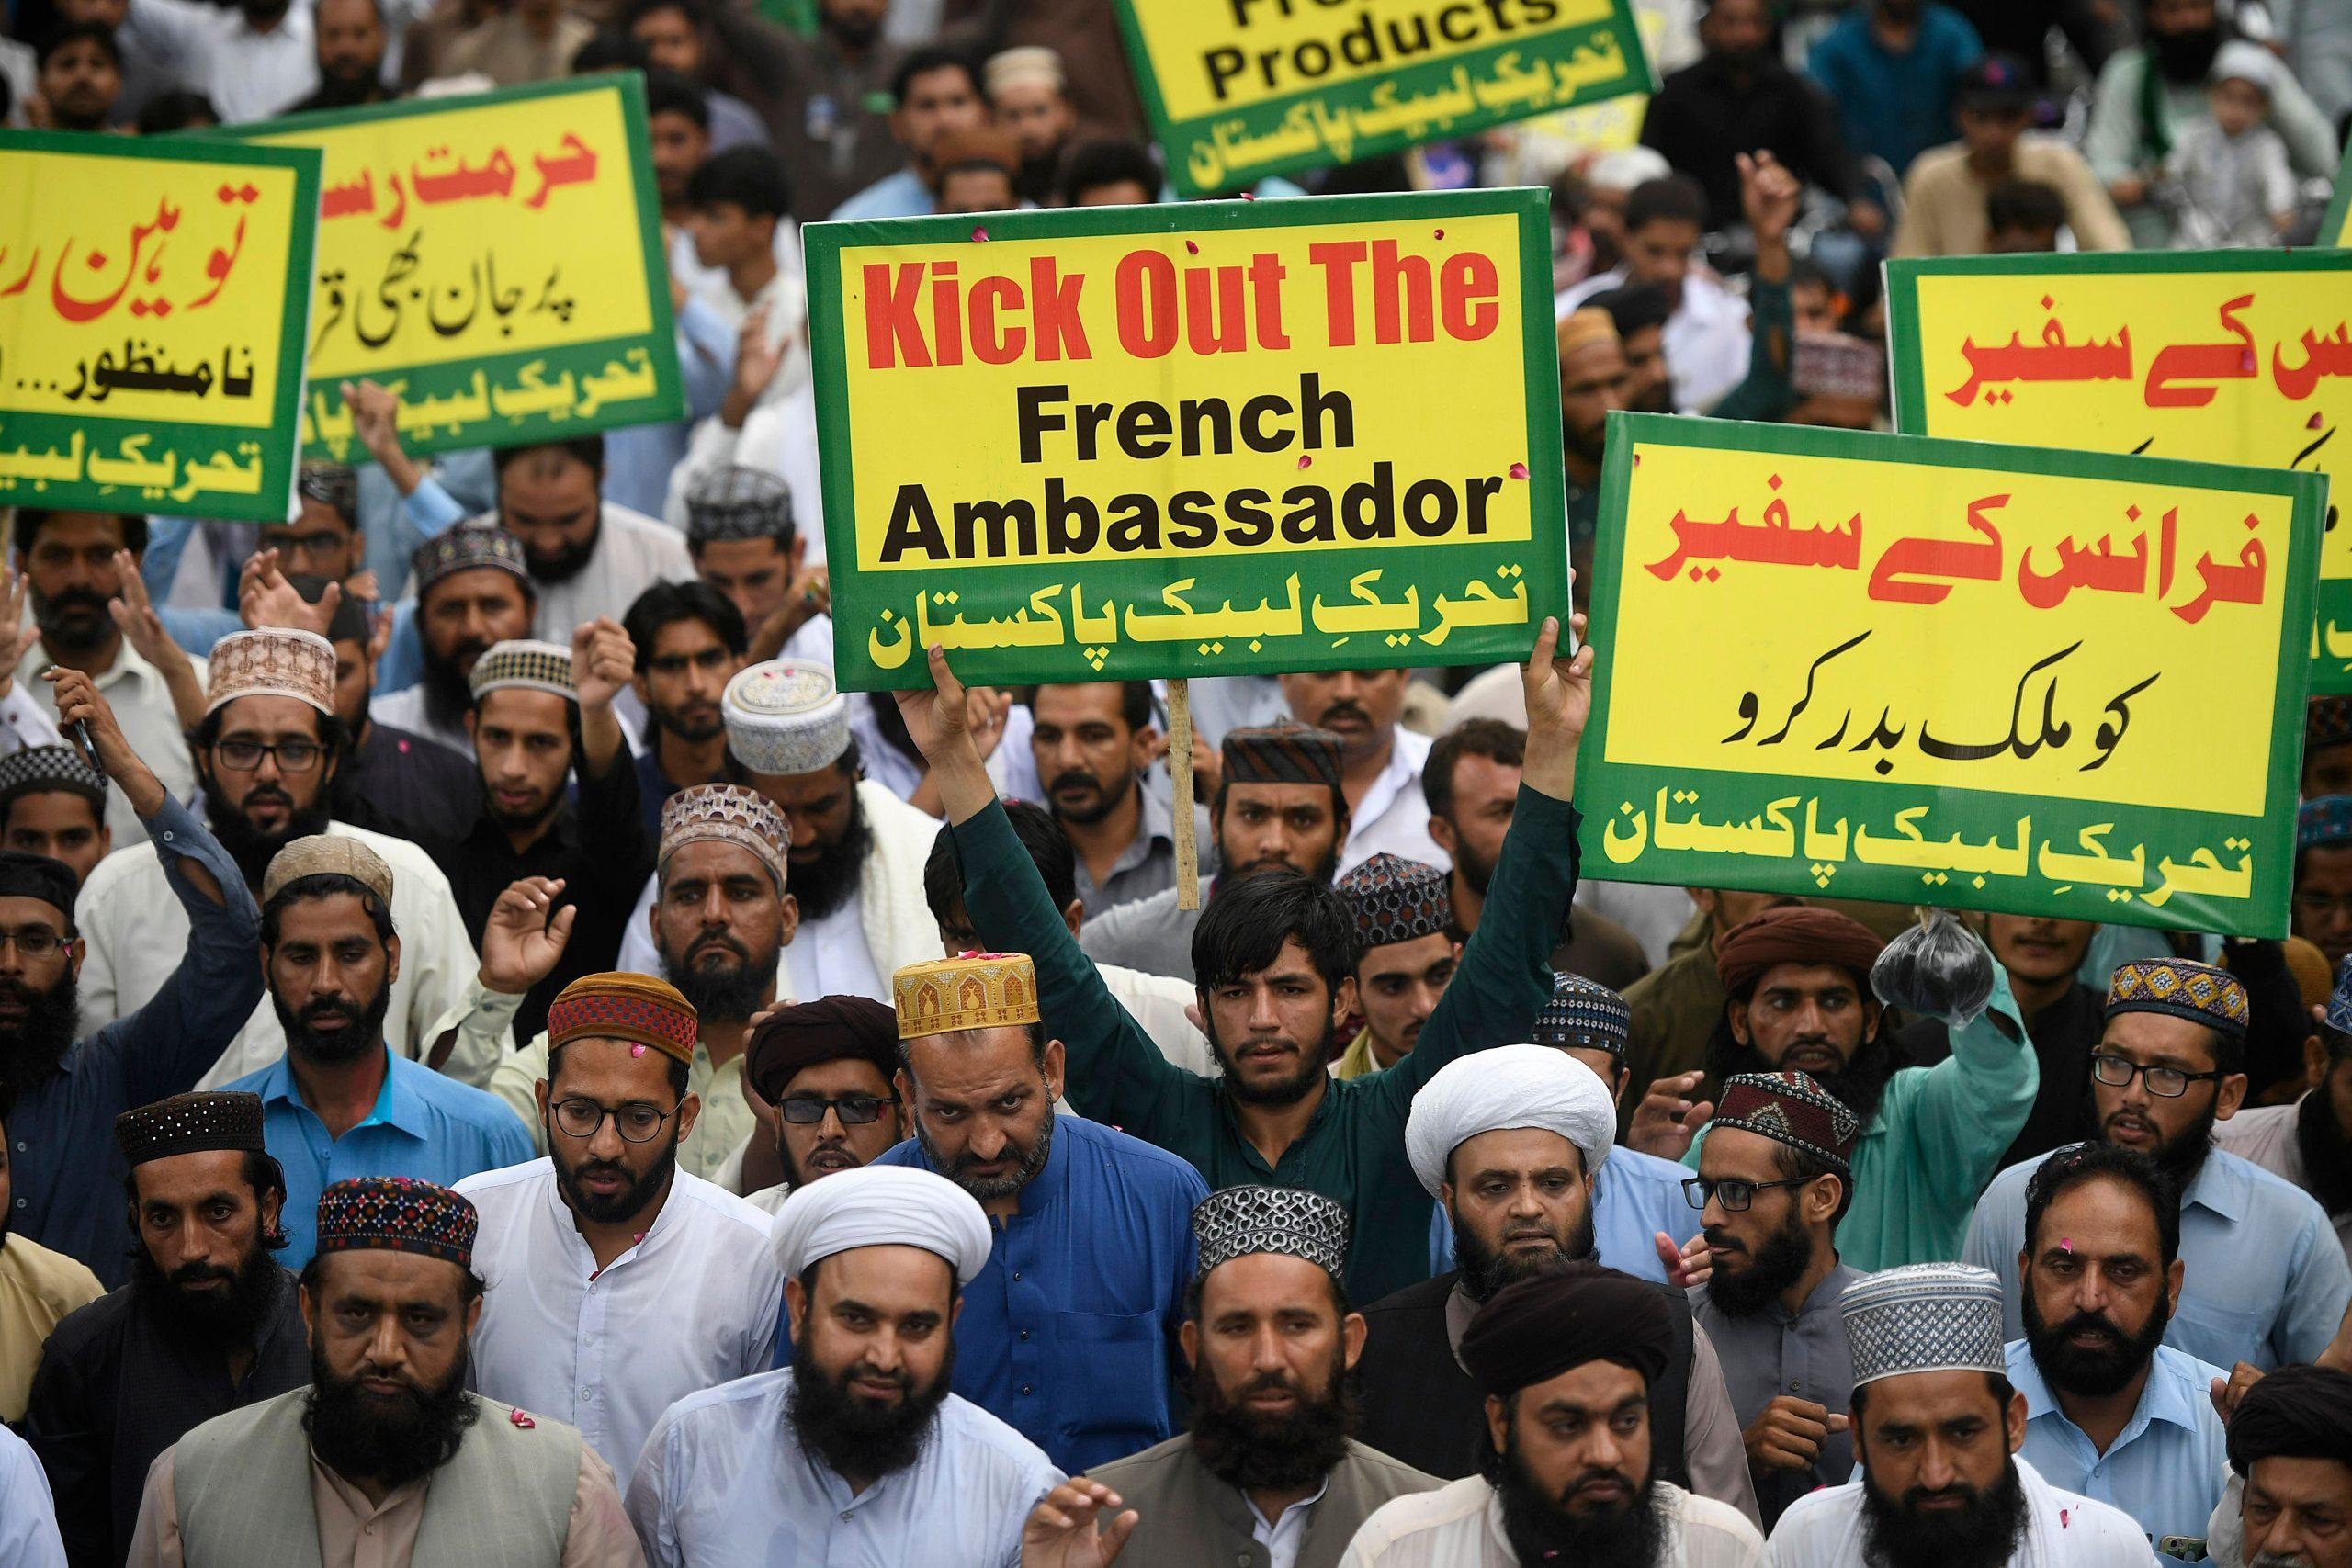 Manifestation organisée par la formation islamiste Tehreek-i-Labbaik Pakistan (TLP), demandant l'expulsion de l'ambassadeur de France au Pakisyan, à Lahore, le 17 novembre 2020. (Source : Eastern Eye)